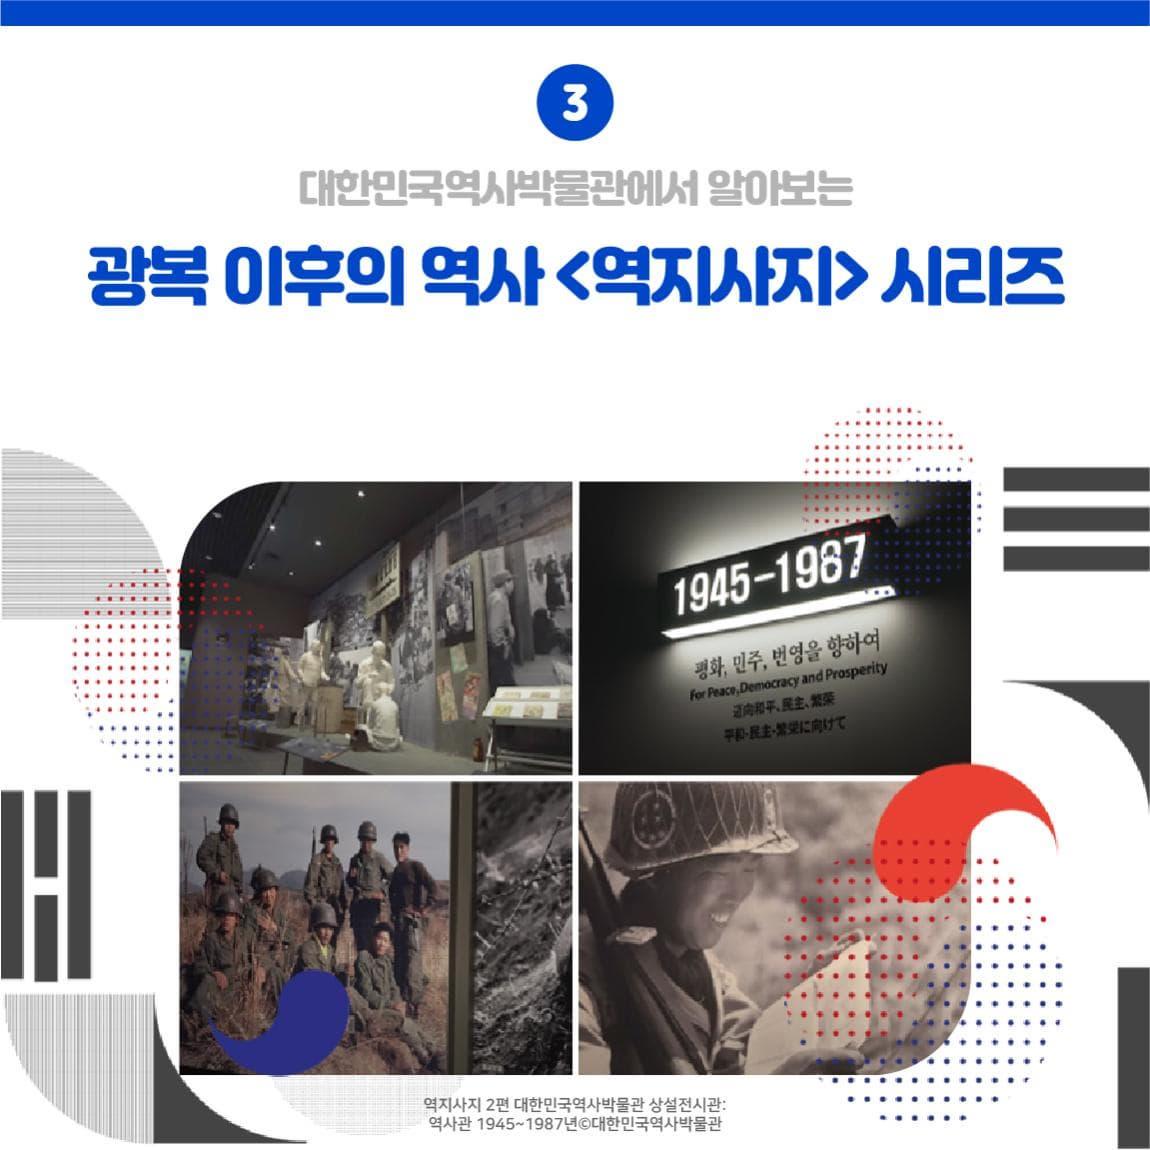 03. 대한민국역사박물관에서 알아보는 광복 이후의 역사 <역지사지> 시리즈